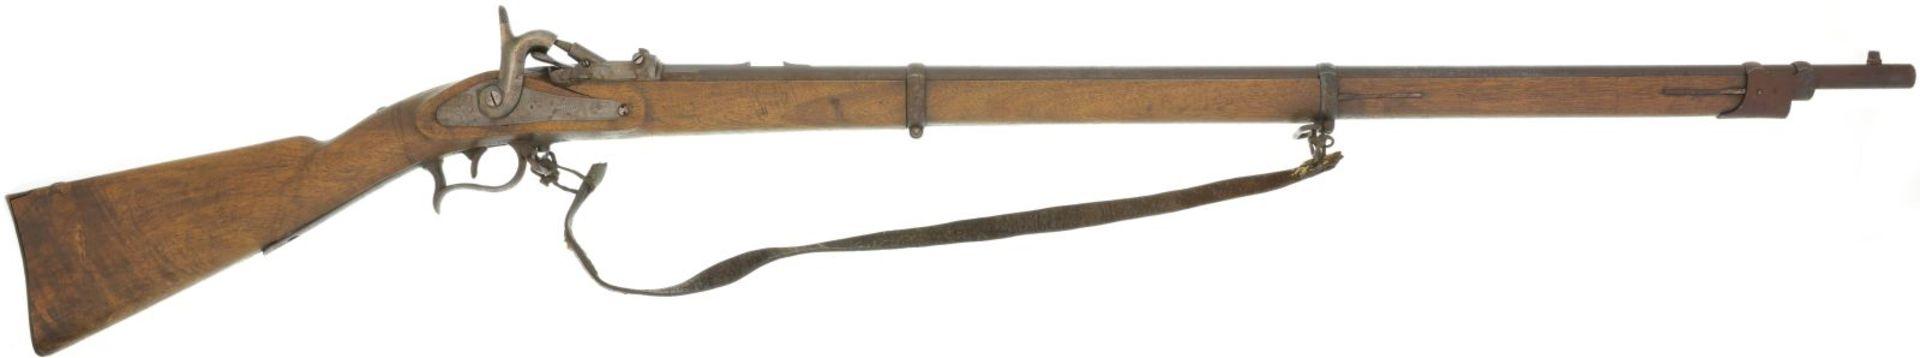 Infanteriegewehr, Ord. 1863/67, Kal. 10.4mmRZ@ LL 920mm, TL 1380mm. Abgeändertes Perkussionsgewehr